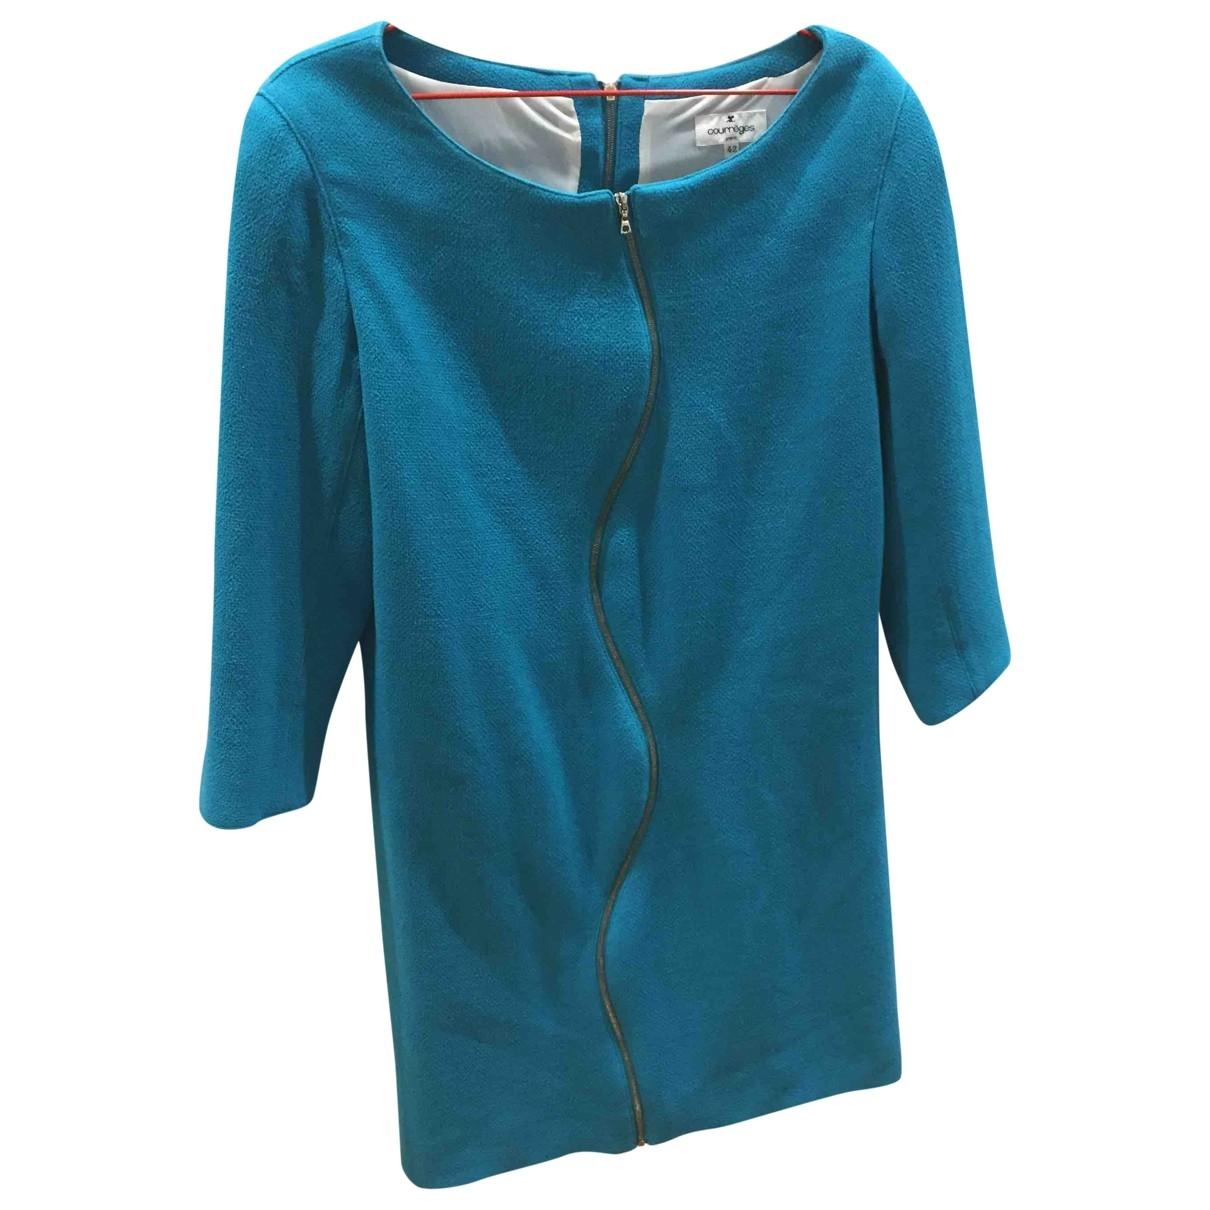 Courreges - Robe   pour femme en laine - turquoise